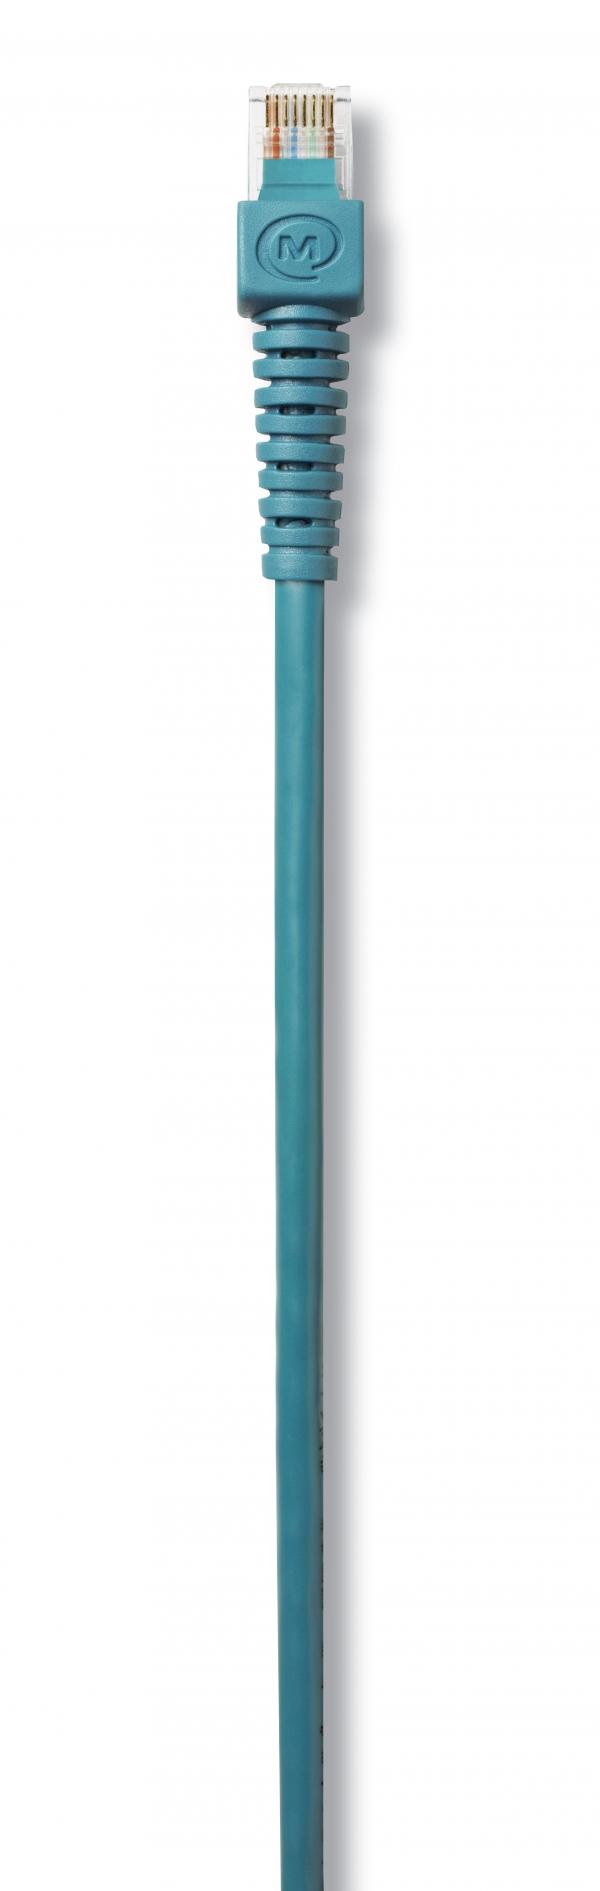 Cavo MasterBus 6 m